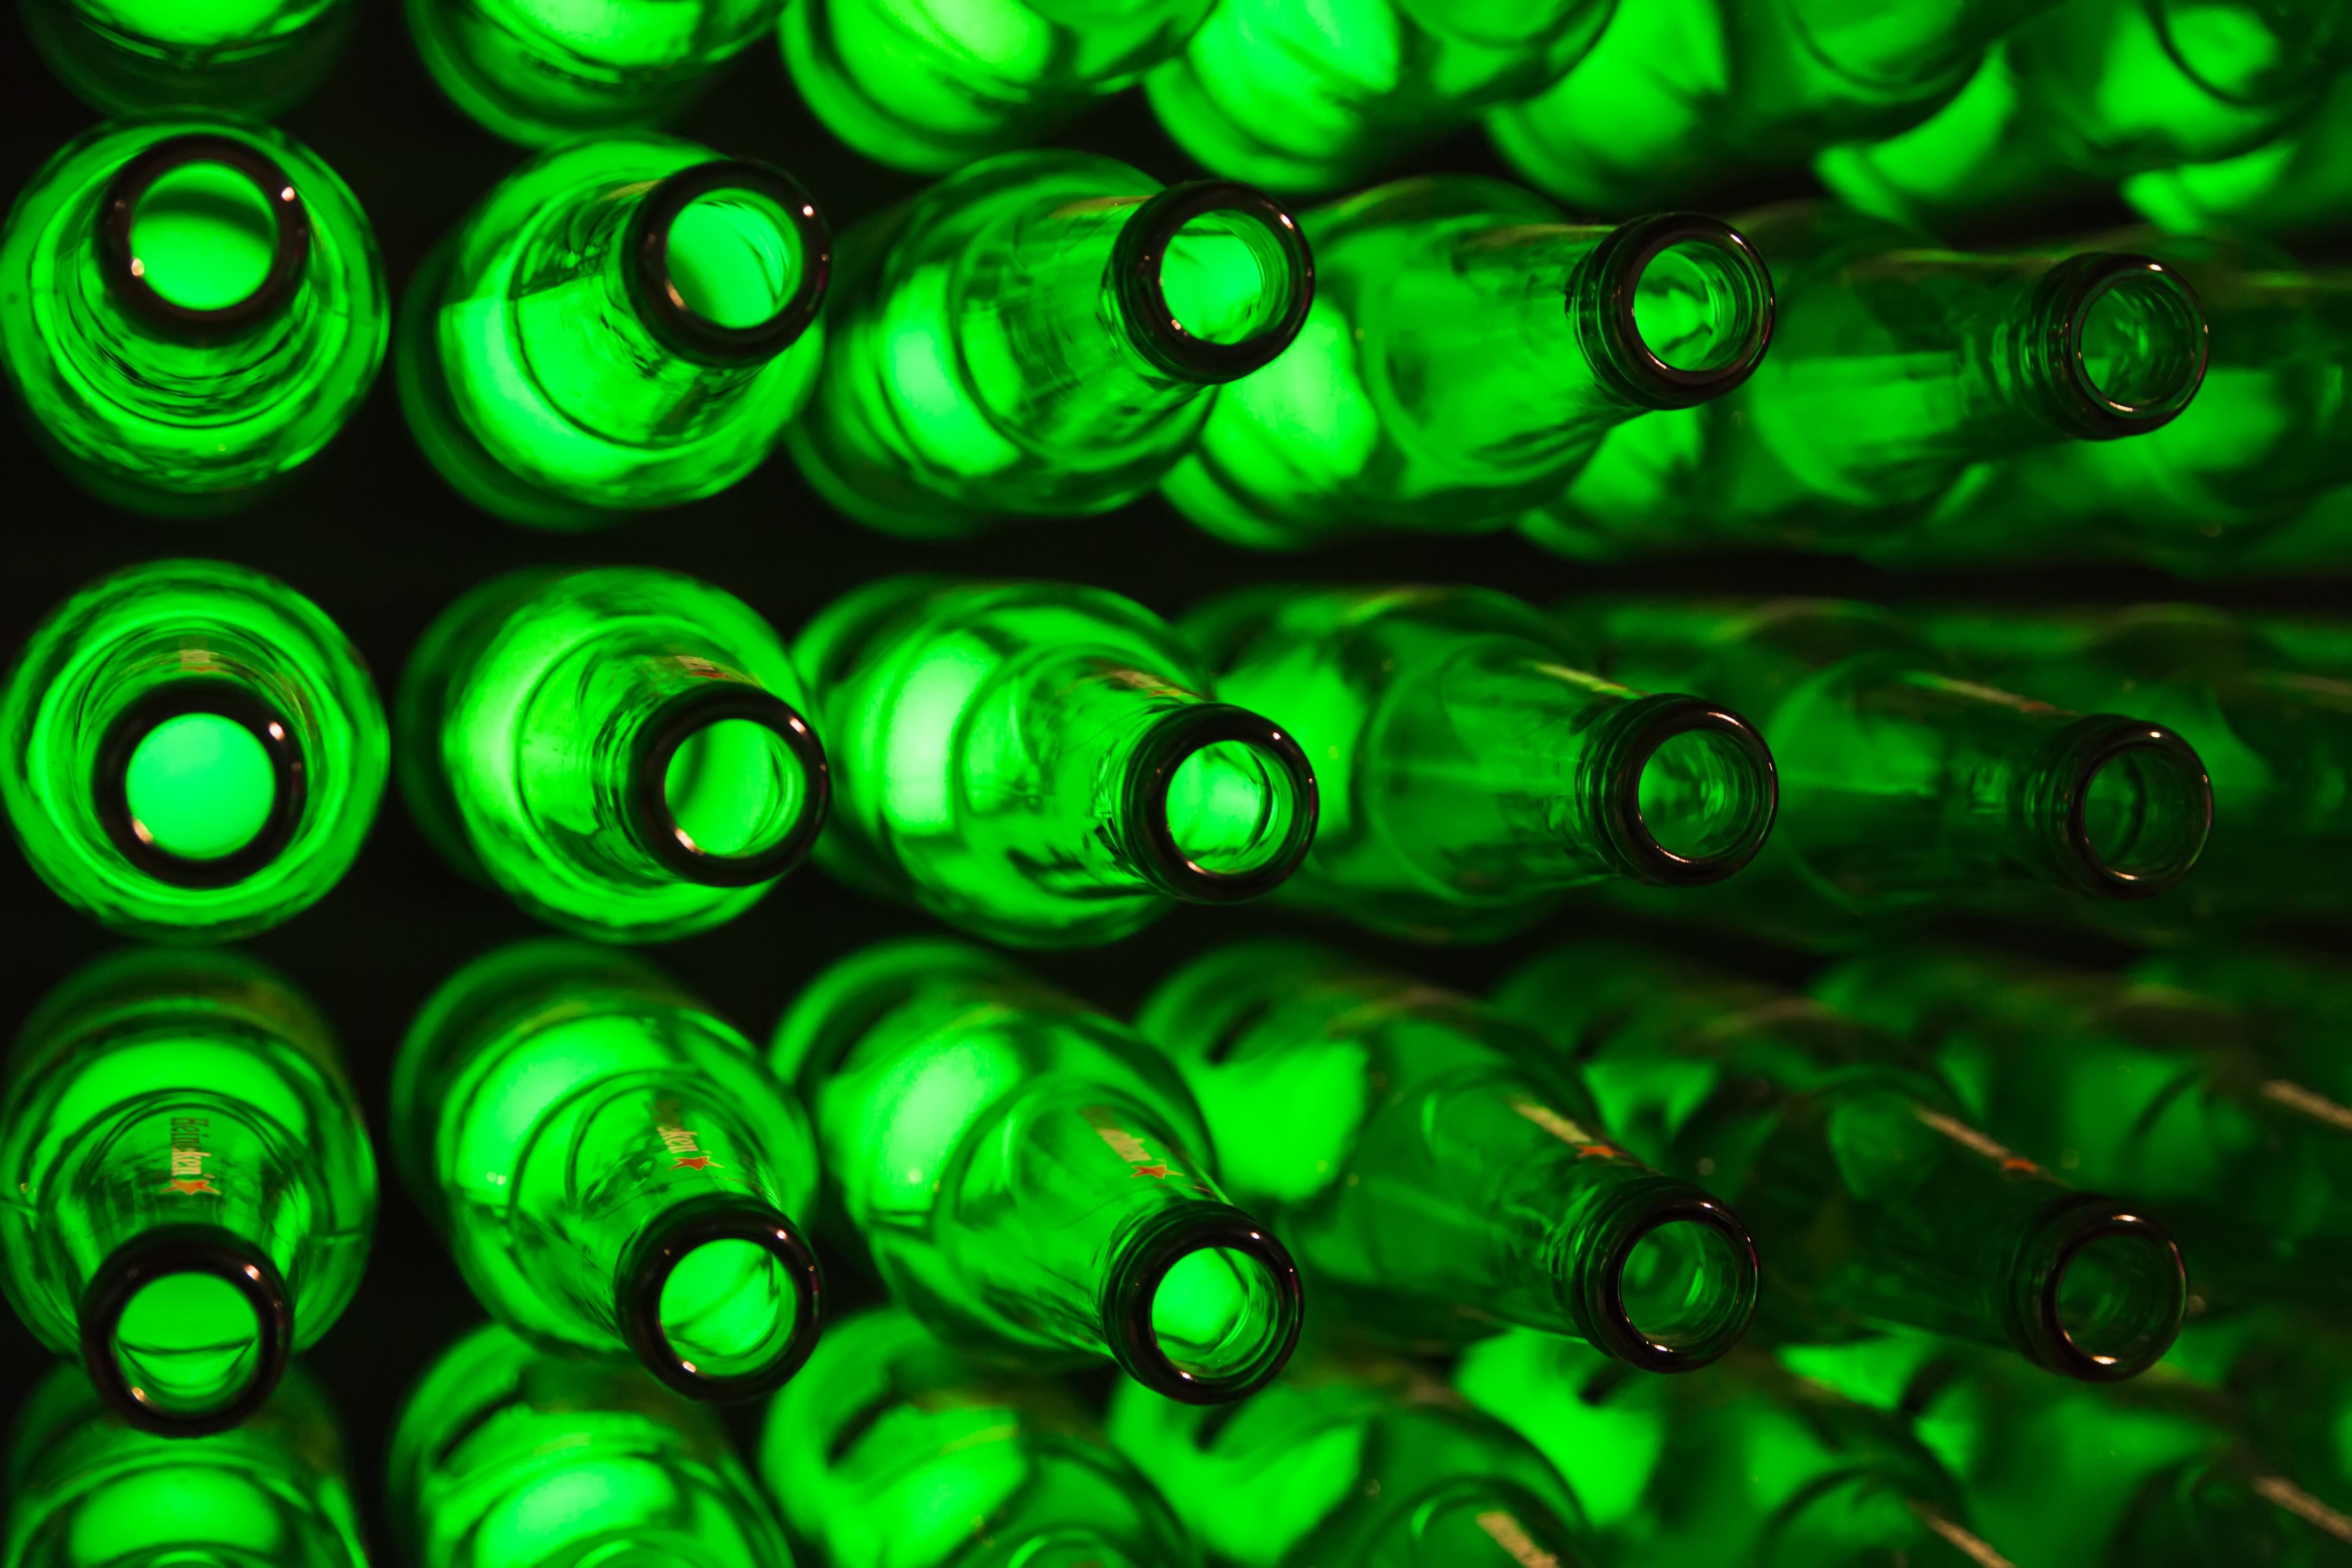 Una visita al templo de la cerveza, la fábrica Heineken - Holanda Circuito Países Bajos y el Rhin